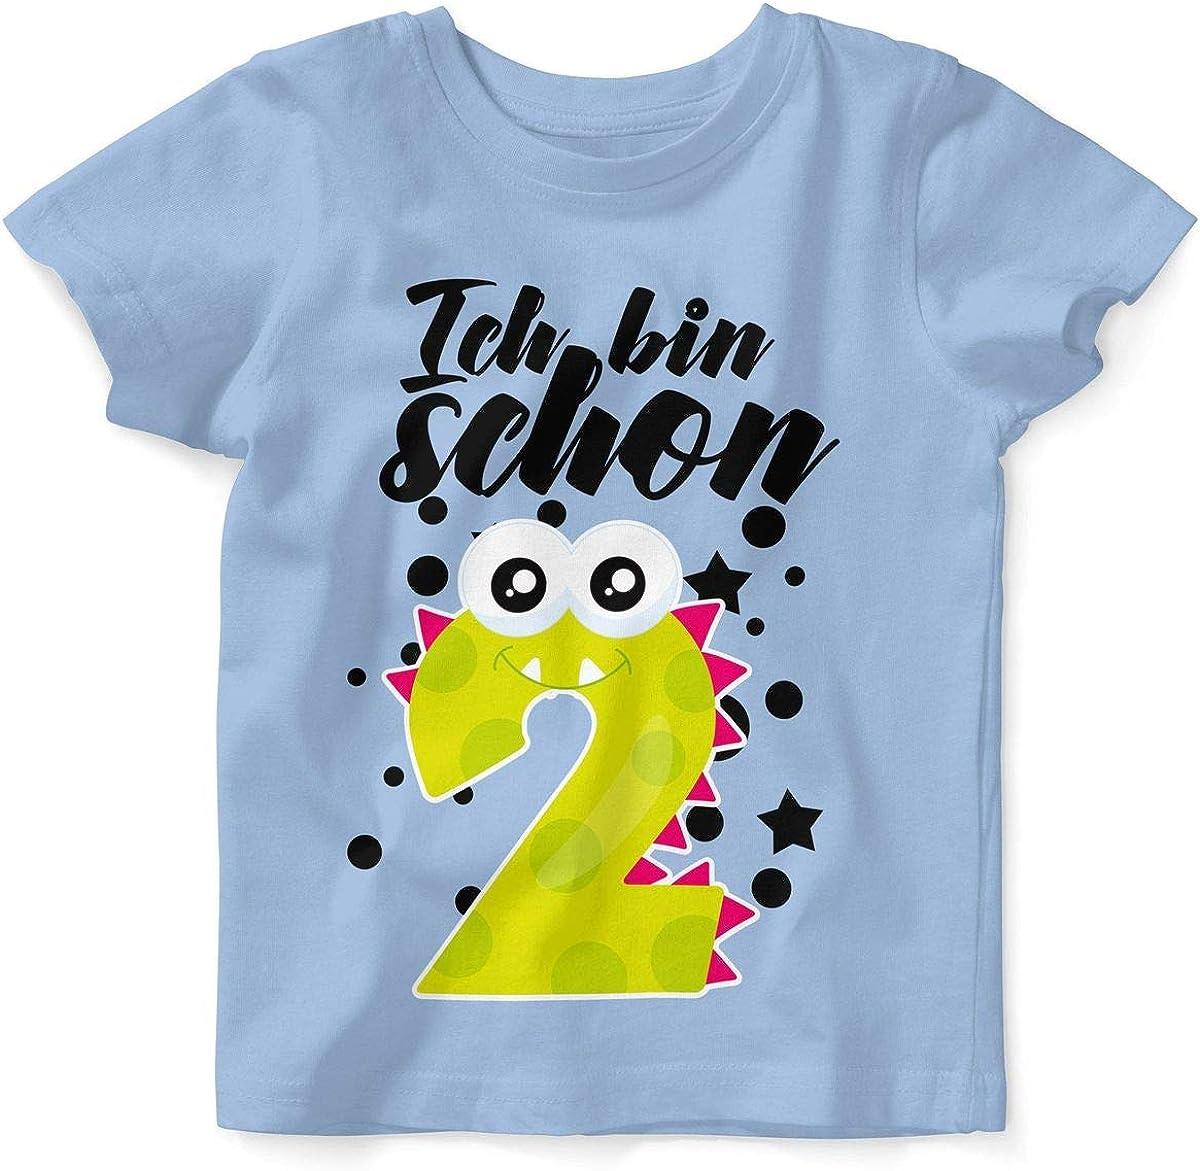 T-Shirt bedruckt mit Motiv Mädchen Seepferdchen weiß Jungen cooles Shirt fun